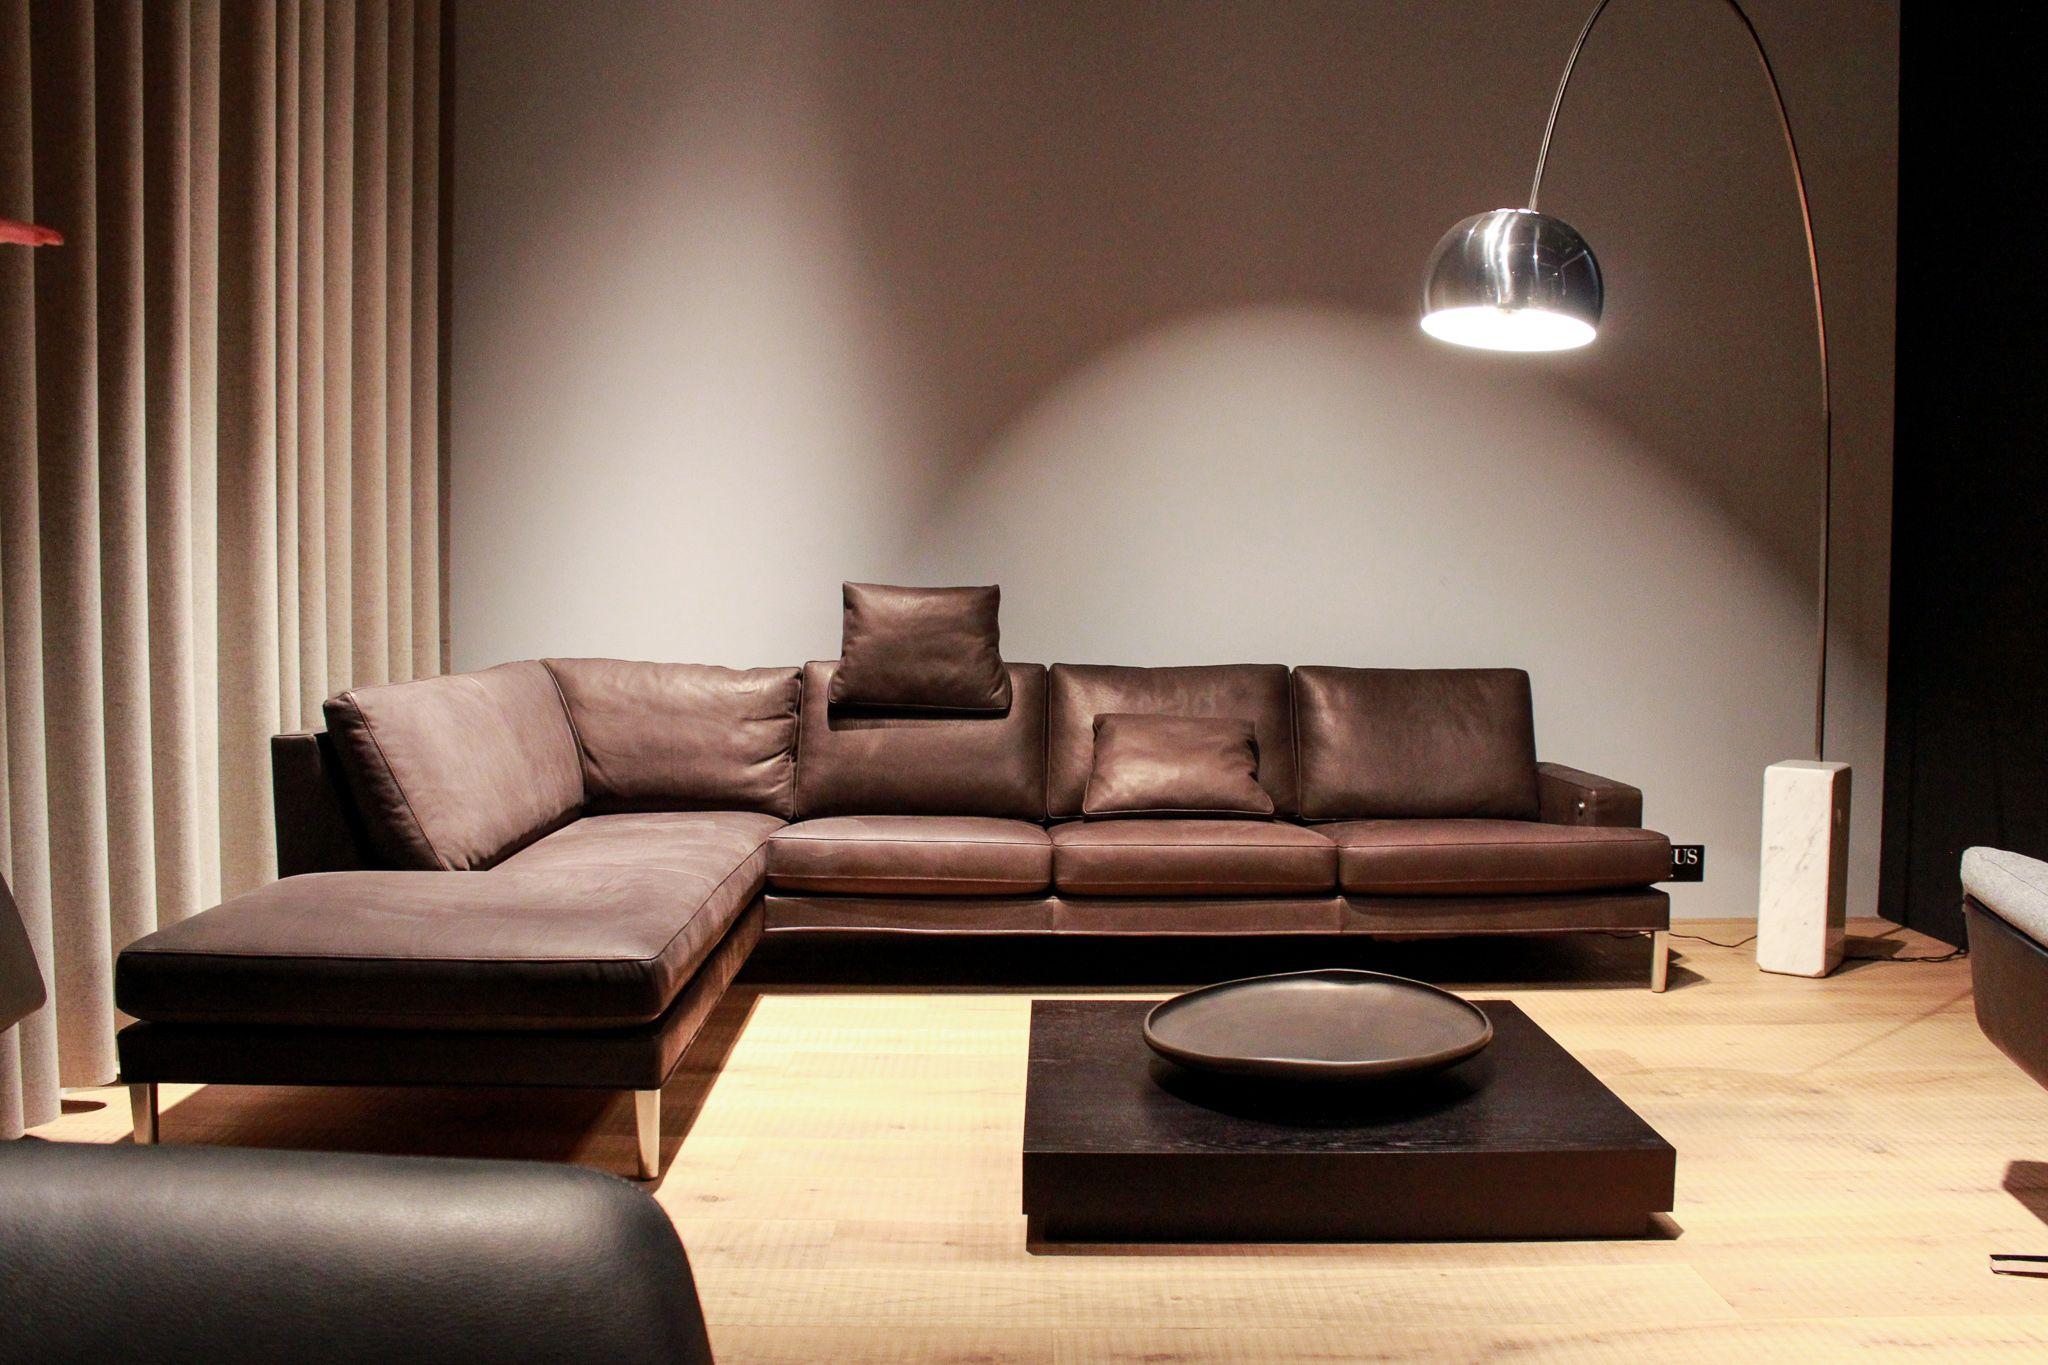 Trendbericht imm 2016 imm 2016 messe k ln wohnzimmer sofa und braunes sofa - Braunes ecksofa ...